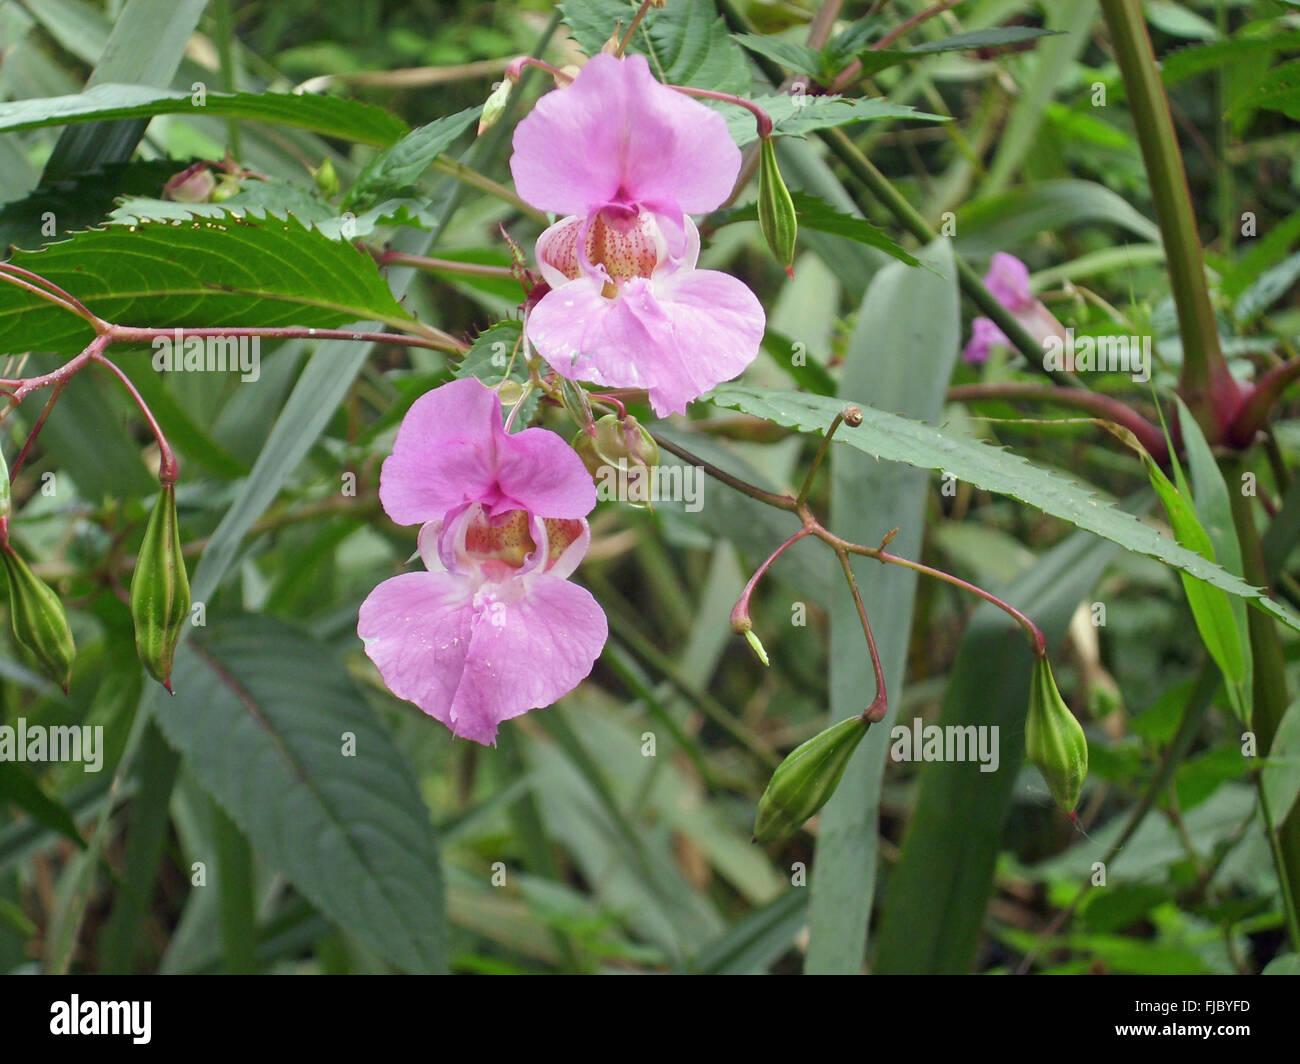 Fleurs et graines explosives de la mauvaise herbe envahissante, le baumier himalayen, Impatiens glandulifera, poussant dans un marais avec un fond de feuilles. Banque D'Images